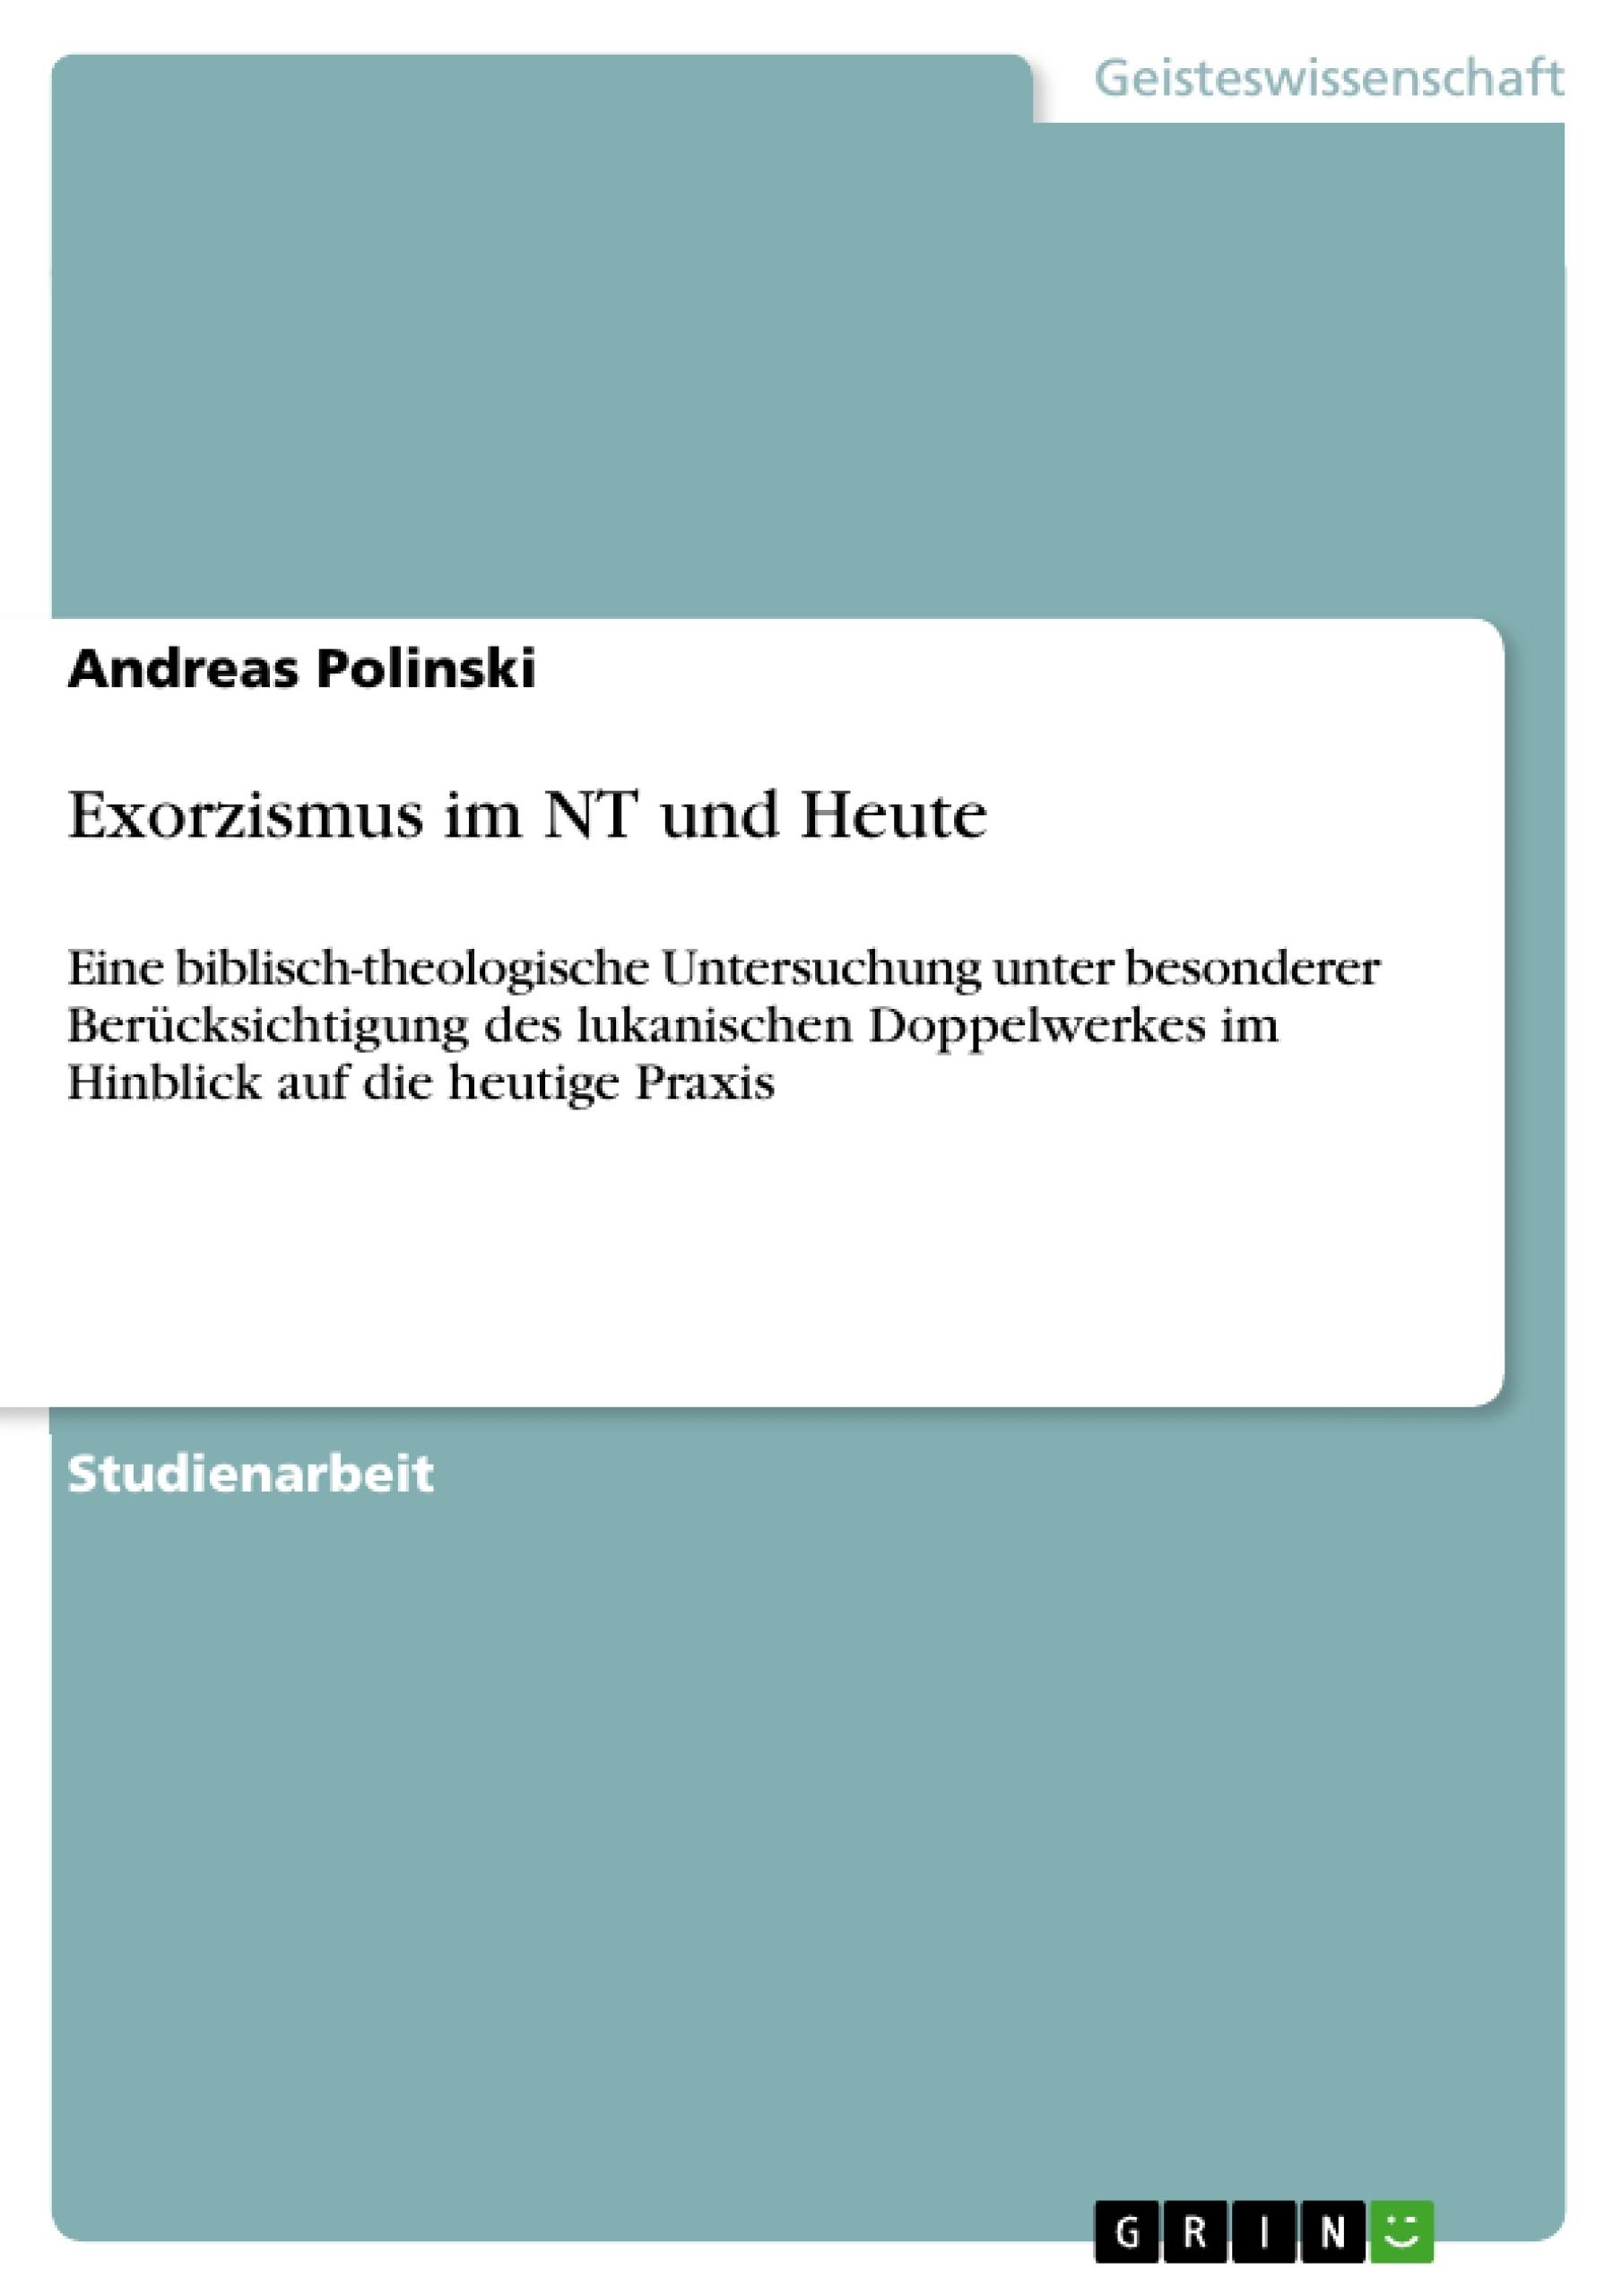 Titel: Exorzismus im NT und Heute